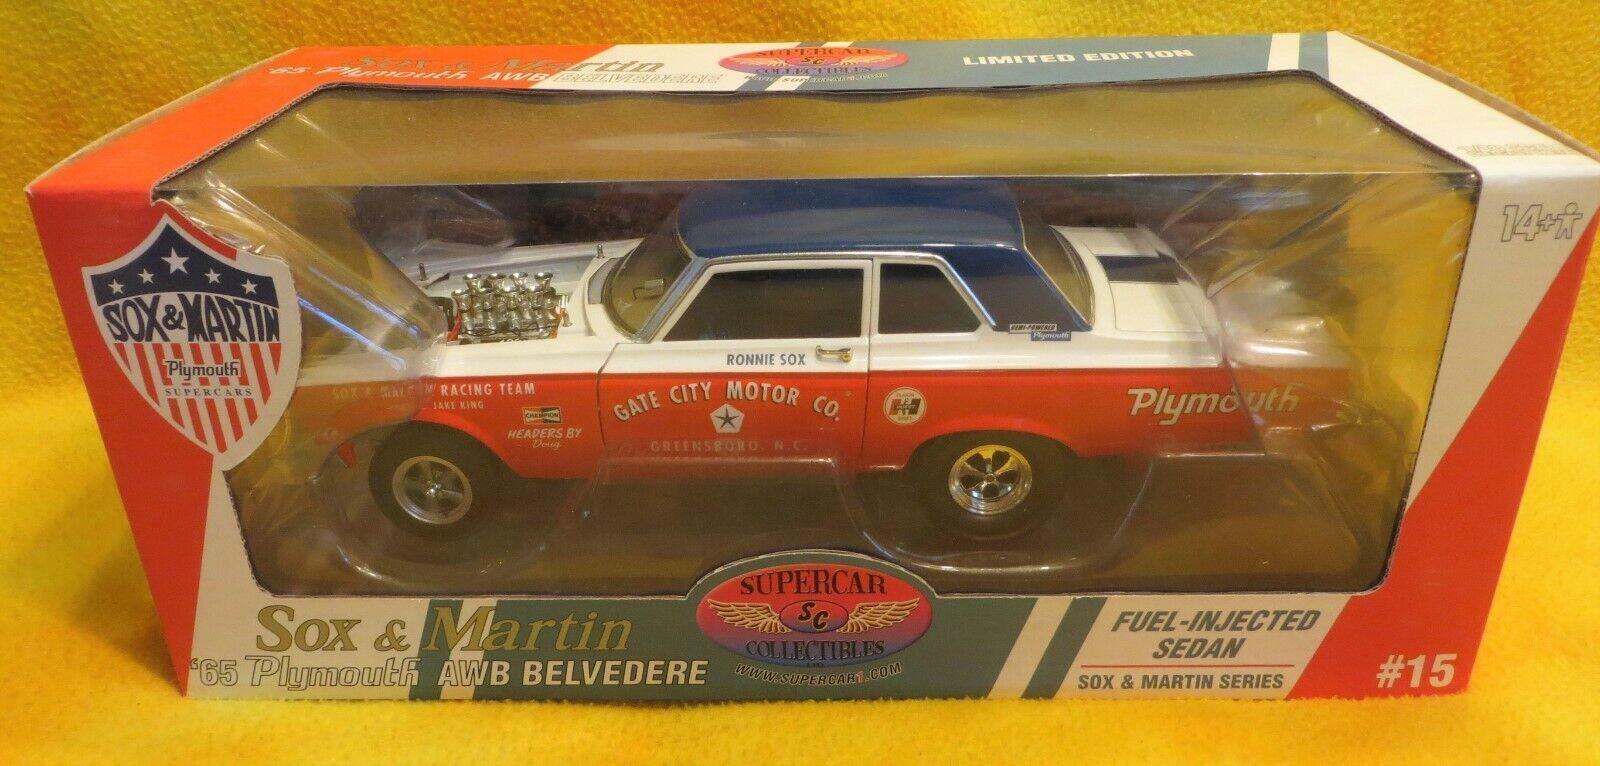 Exhiben Collectibles 1965 Plymouth AWB Sox Martin combustible inyectado 1 18 Ertl